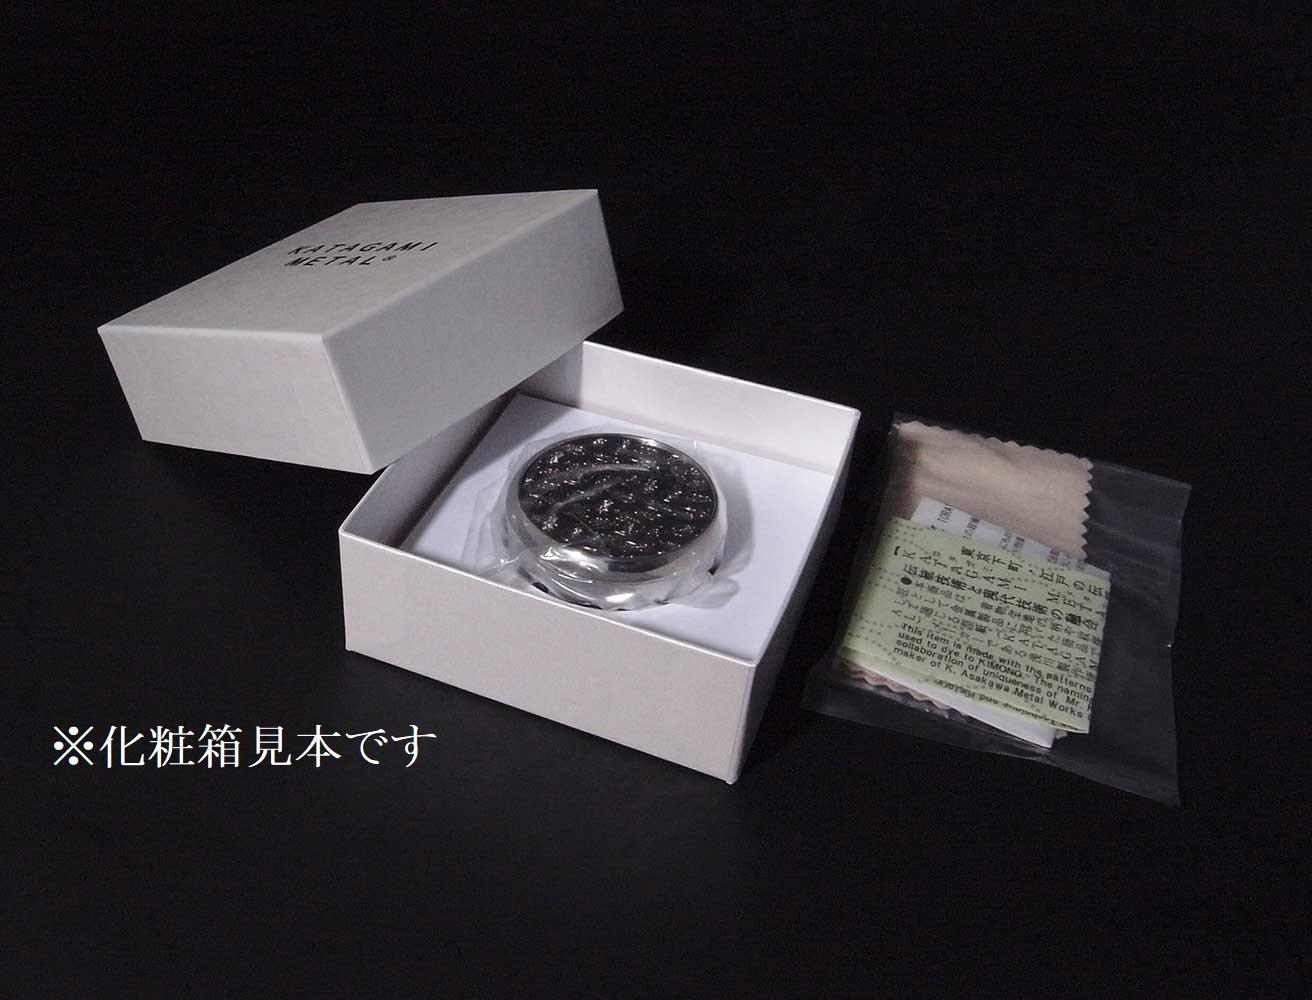 カタガミメタル宝物入れ 桜 KA-141/Saku